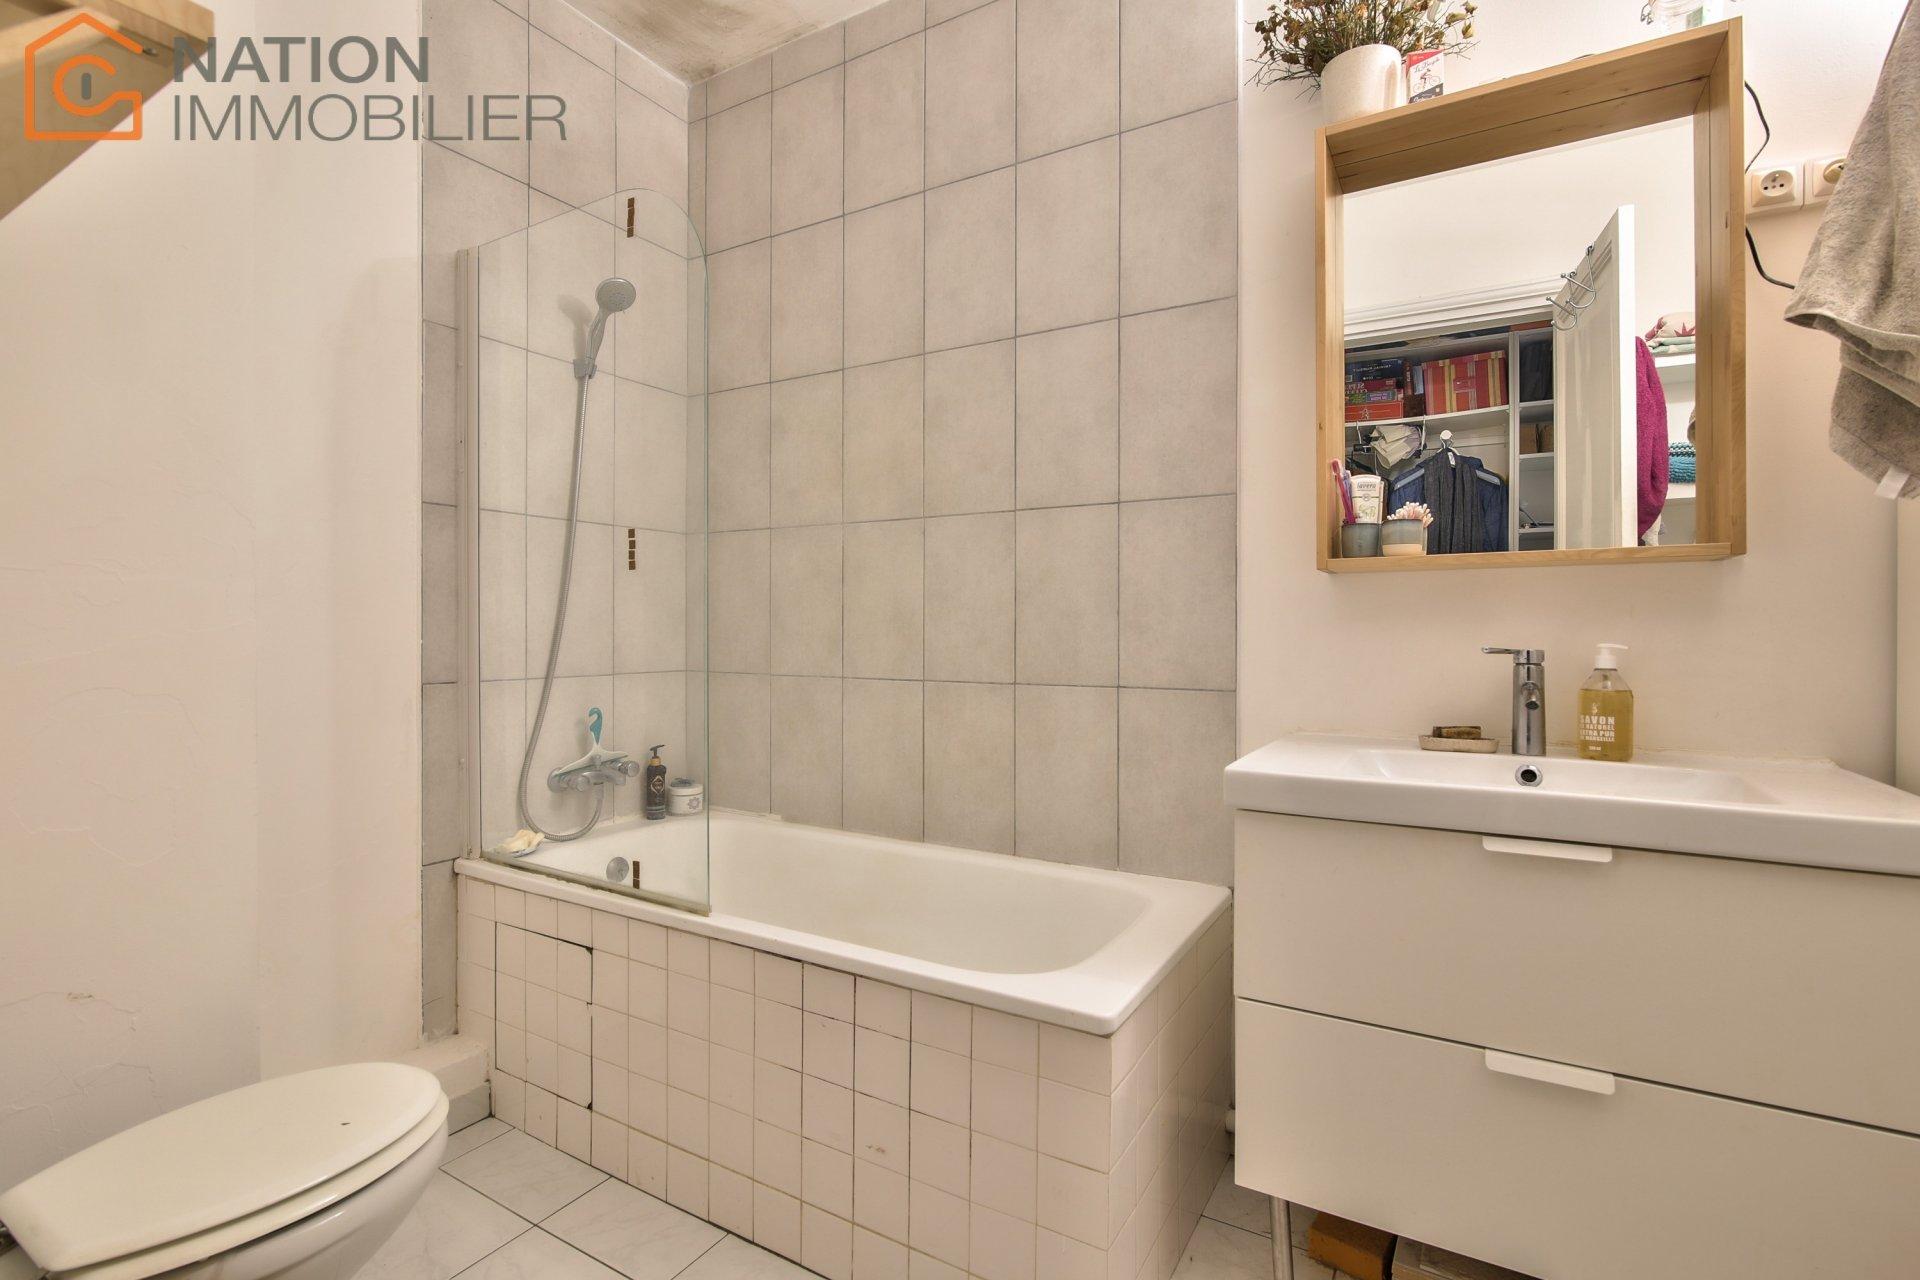 Sale Apartment - Montreuil